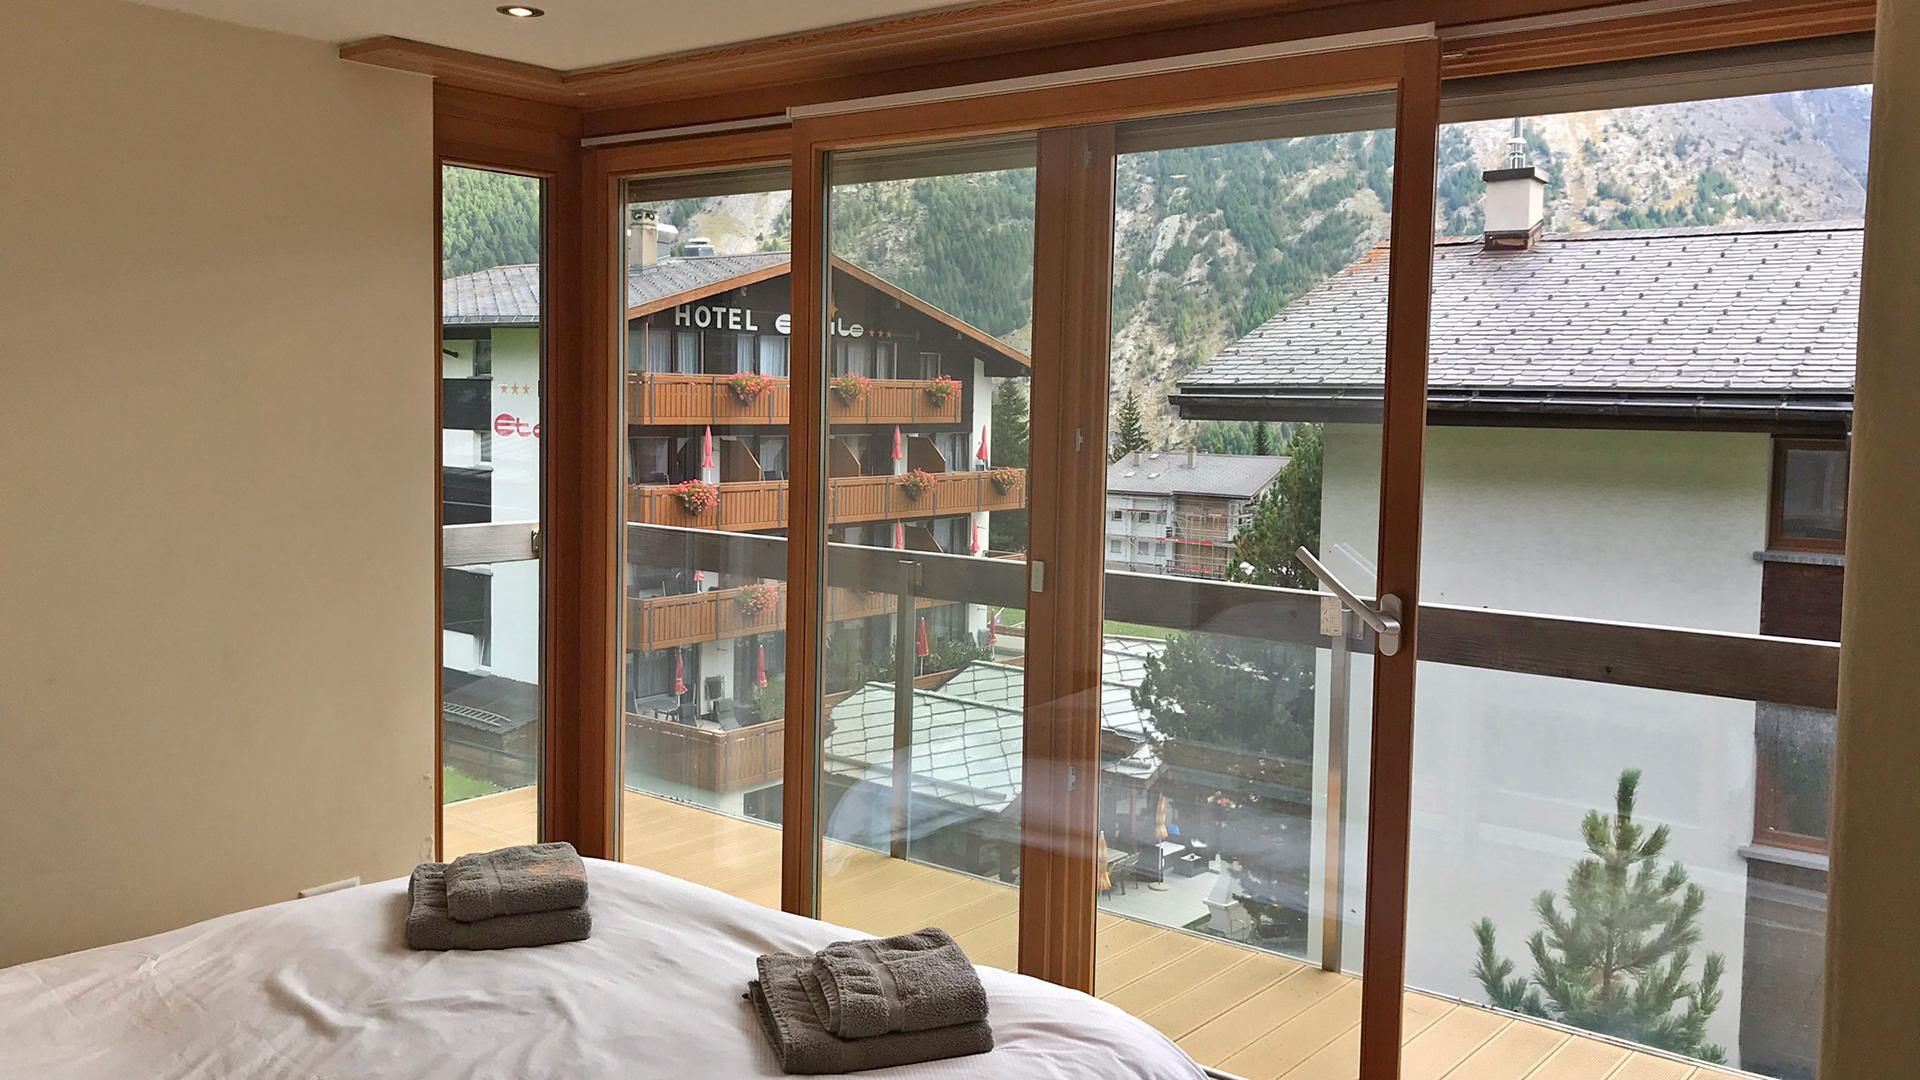 Chalet Alpendohle Chalet, Switzerland